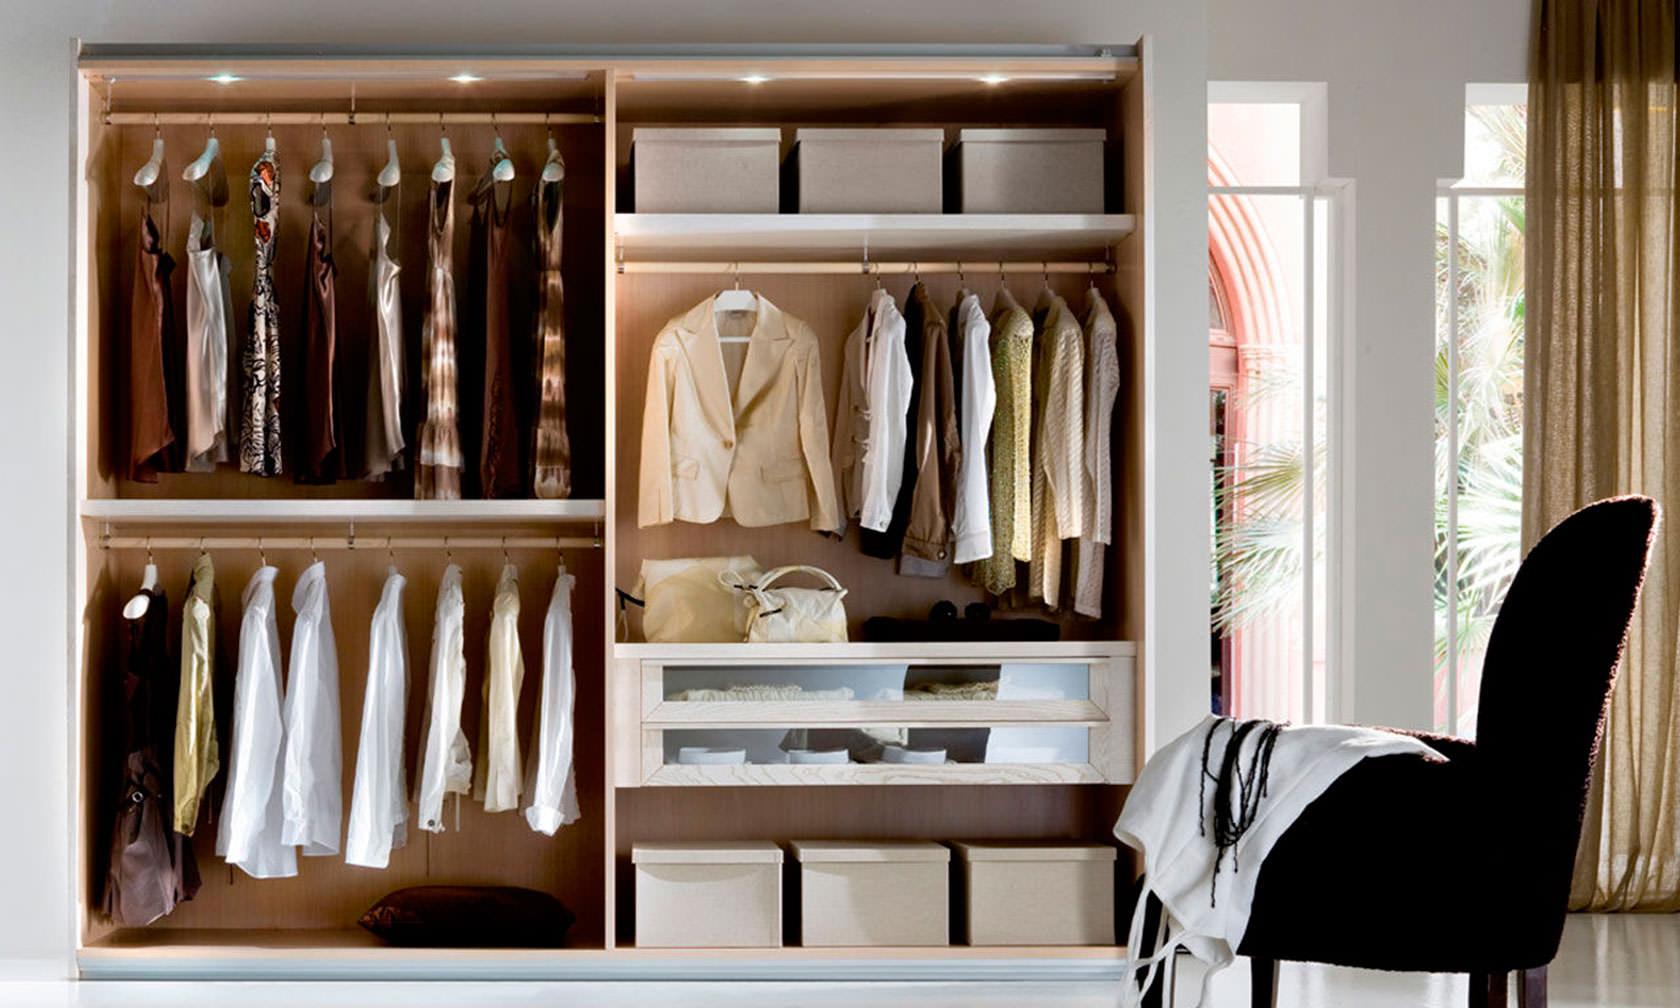 walk-in-wardrobe-4680-2053139